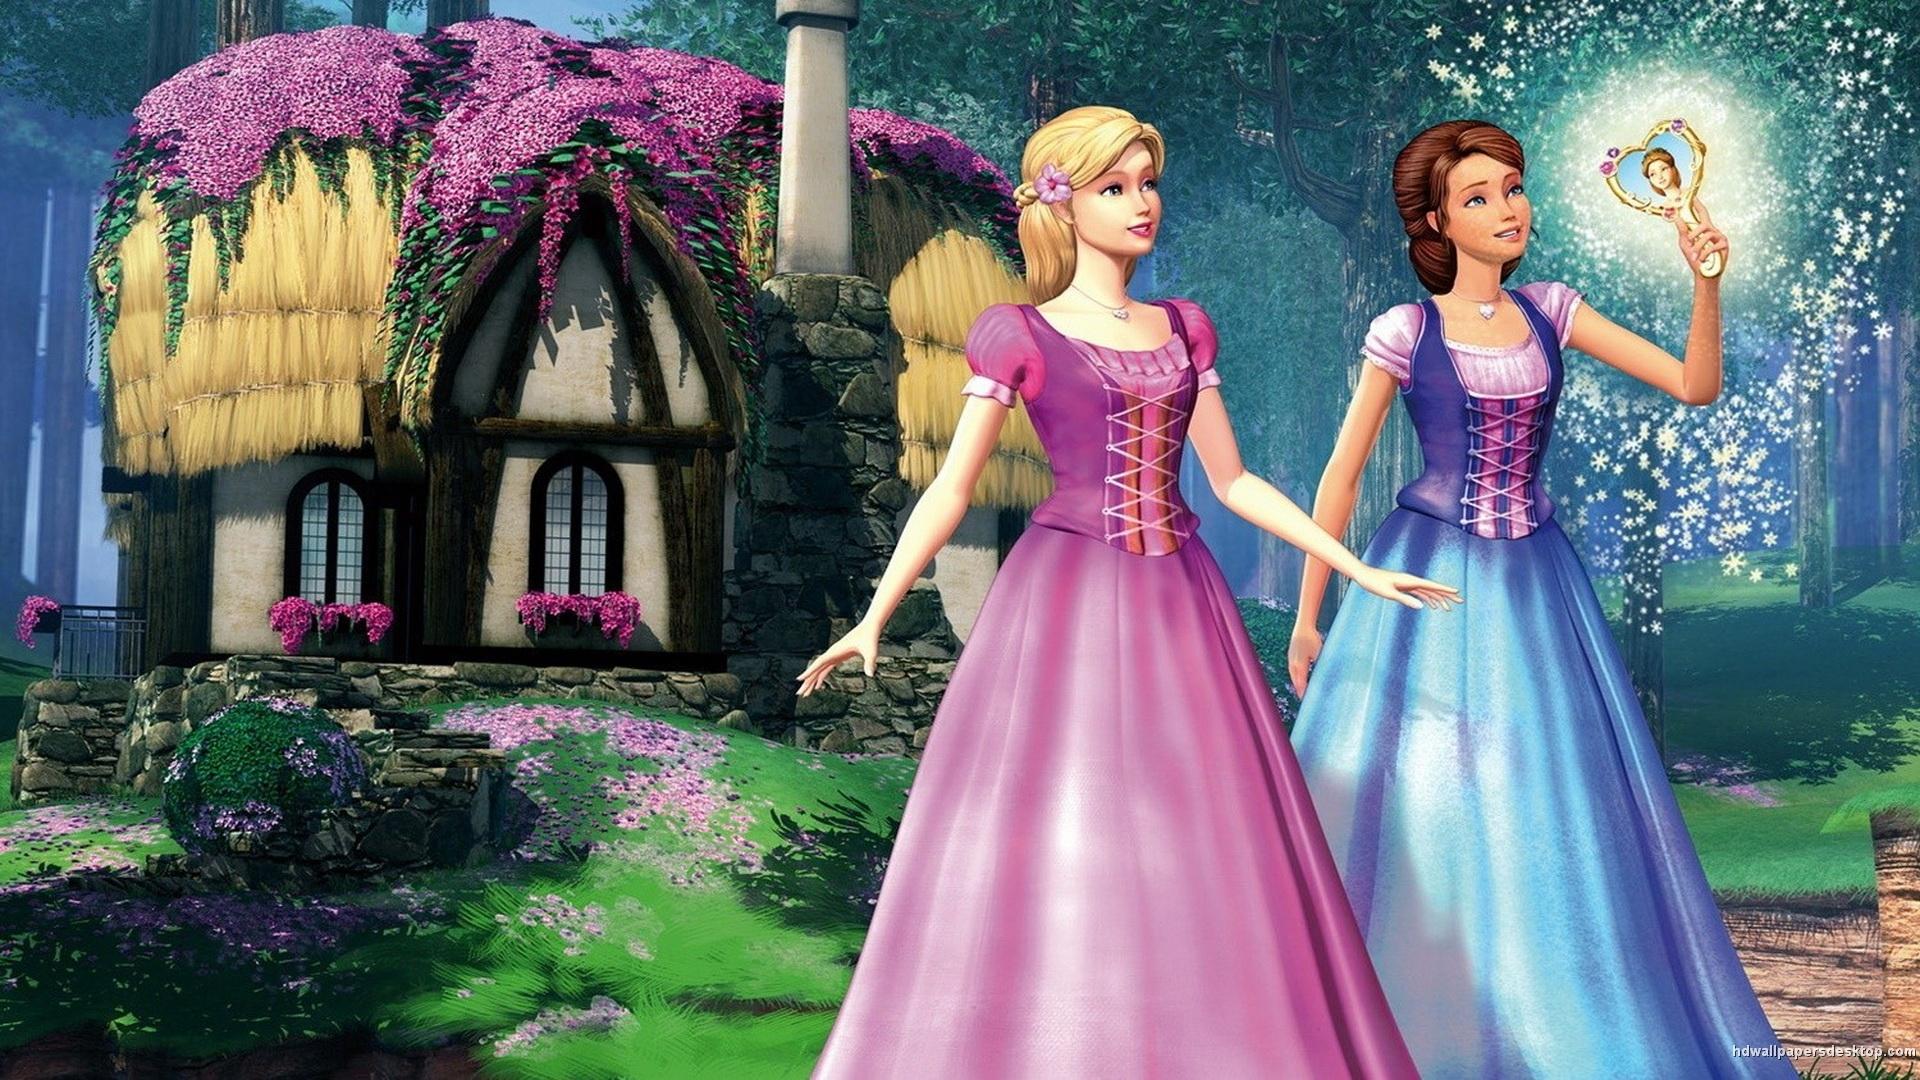 Barbie HD Wallpapers - WallpaperSafari